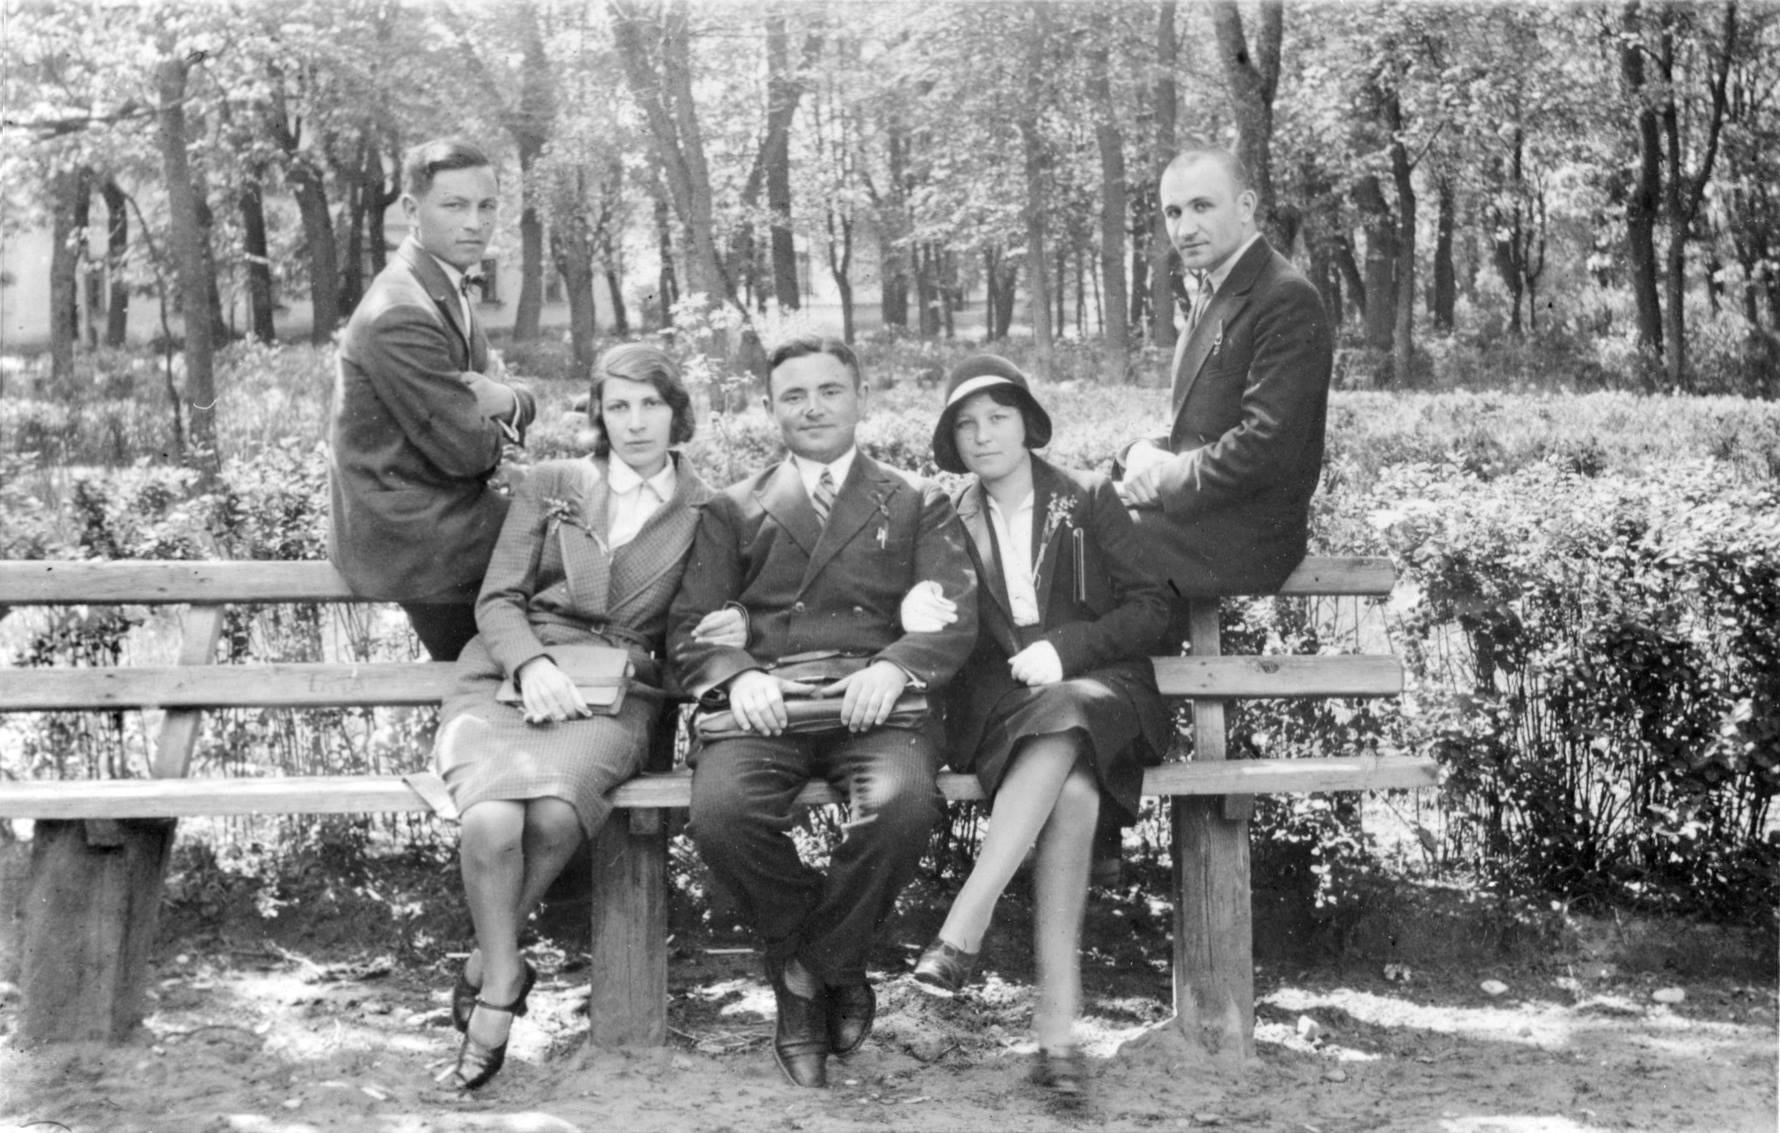 1935. Еврейские студенты из Виленского университета в одном из парков